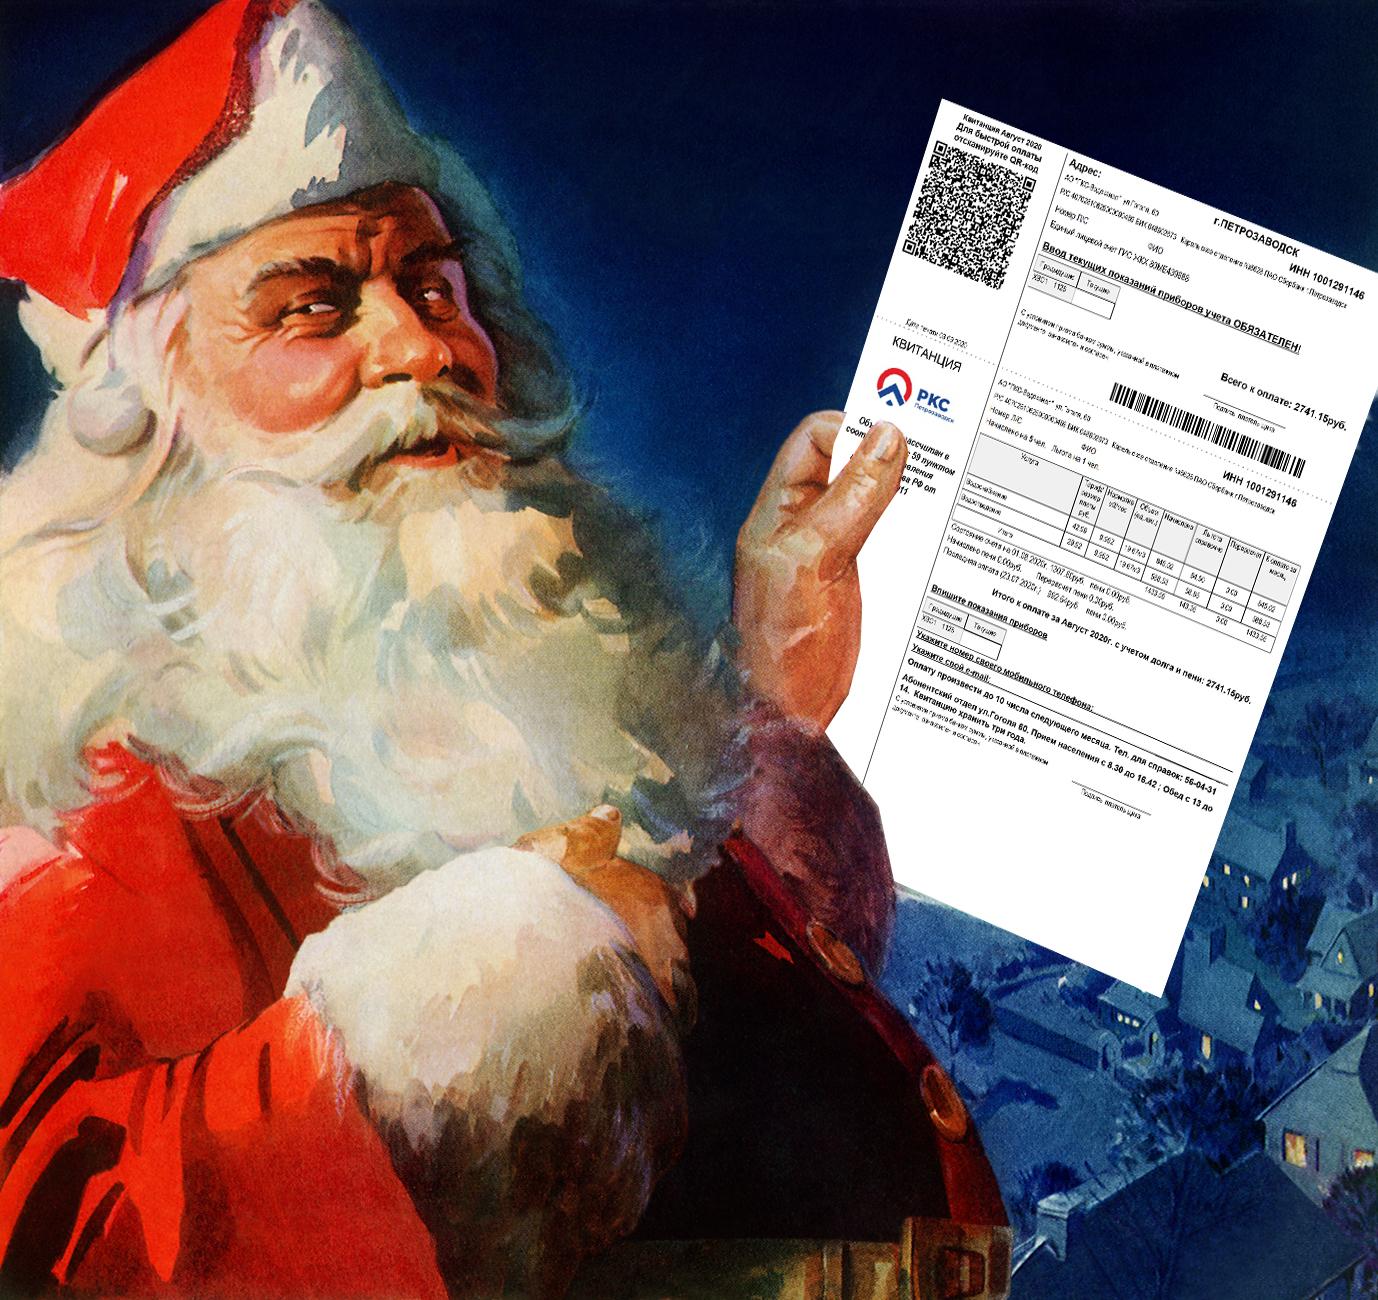 Санта-Клаус с квитанцией РКС(1)